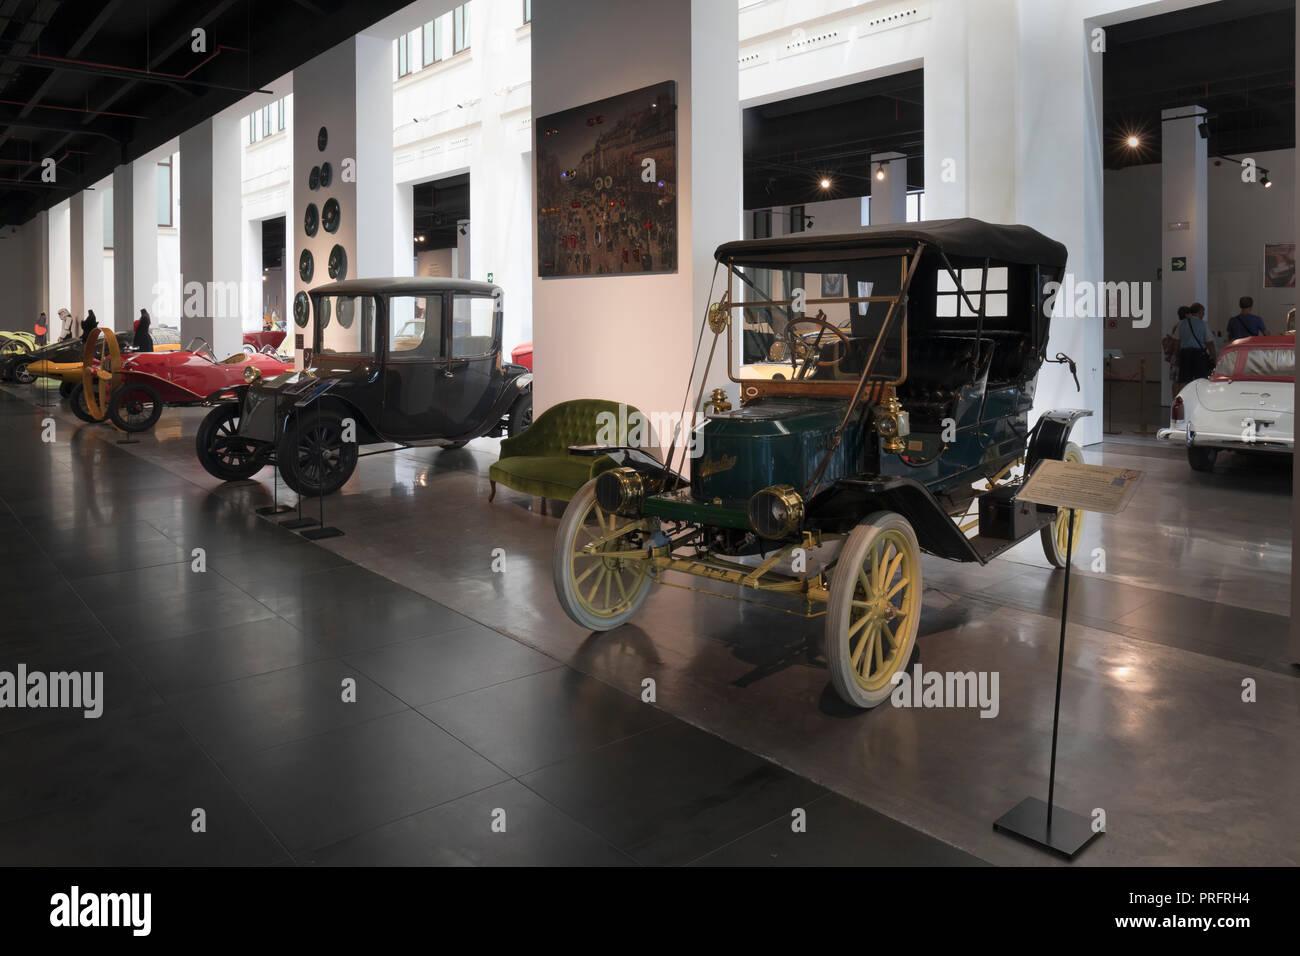 Museo Automovilistico y de la moda, Malaga, provincia di Malaga, Spagna. Automobile e il Museo della Moda. Il veicolo in primo piano è un Steame Stanley Immagini Stock